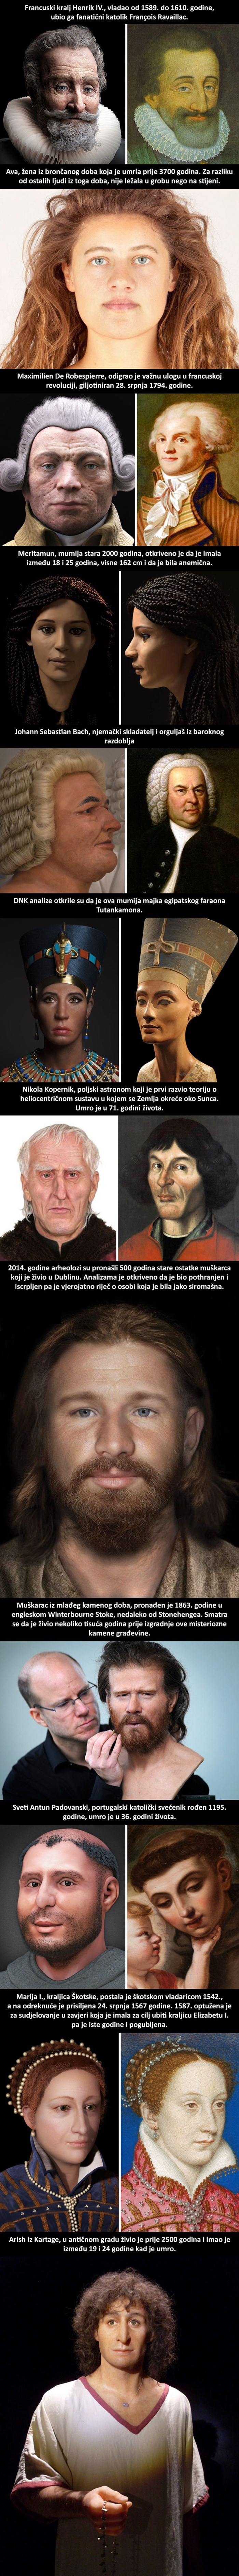 Moderne tehnike omogućile su da konačno vidimo kako su točno izgledale osobe iz ljudske povijesti